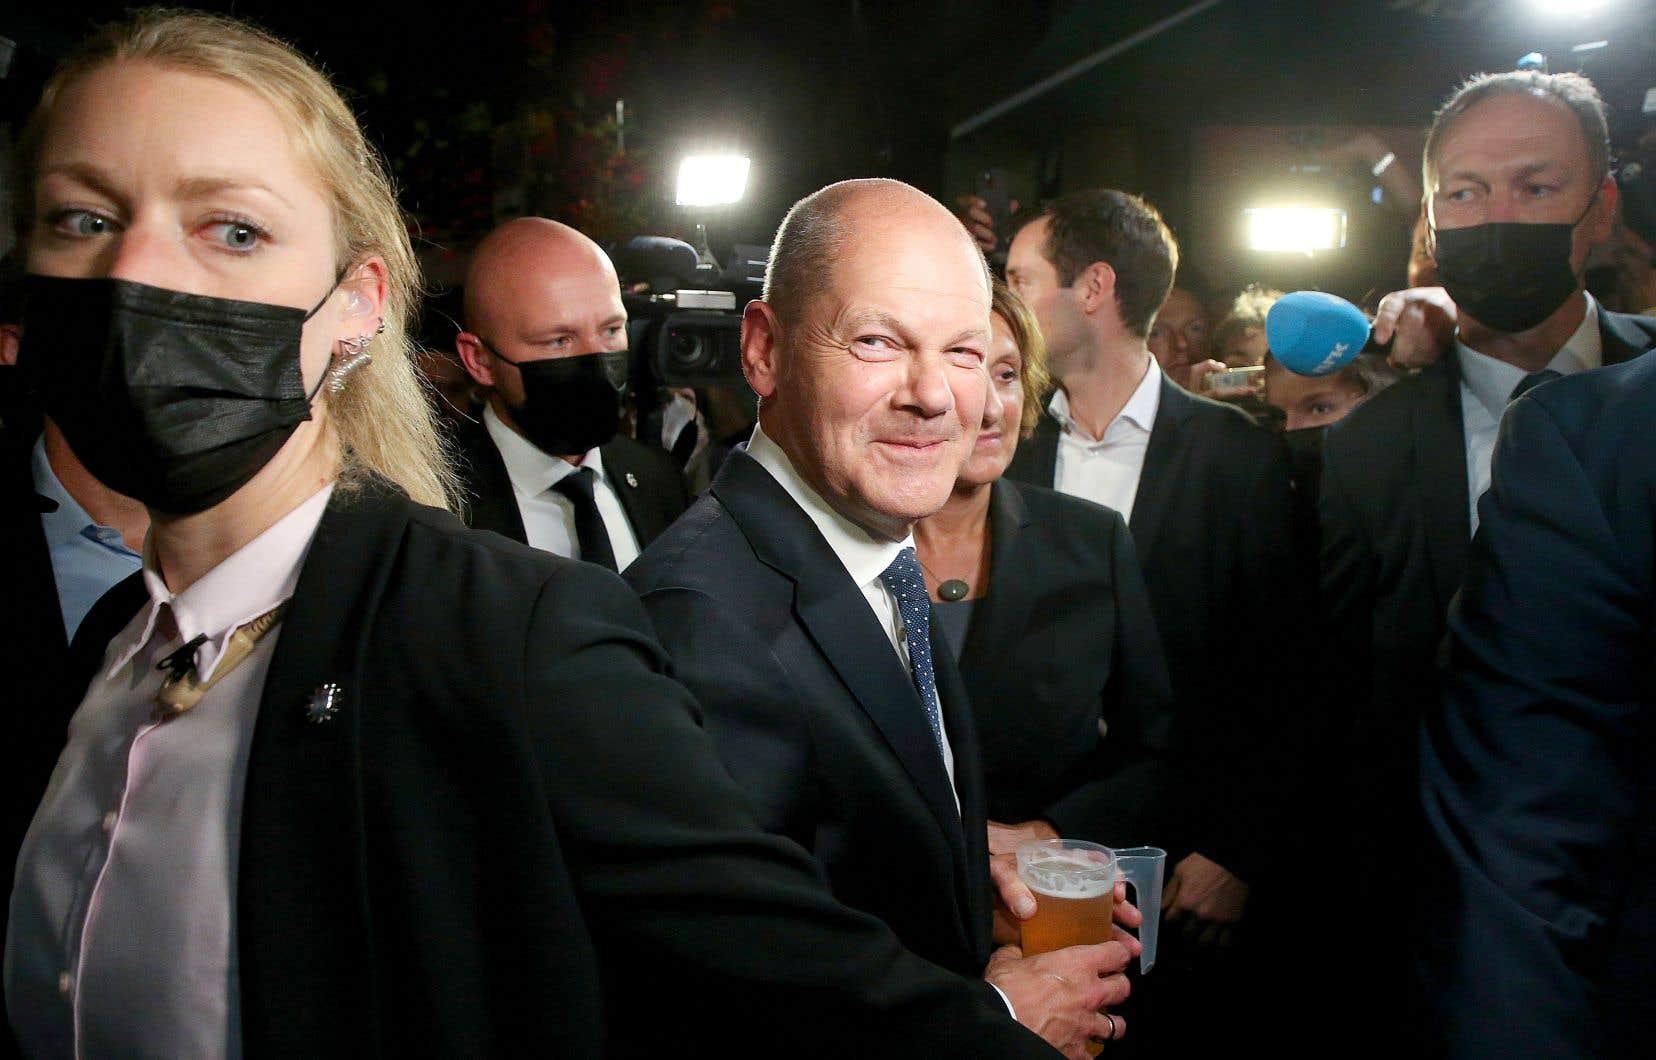 Dès le début de la soirée, Olaf Scholz (en photo) a revendiqué la victoire, puisqu'un sondage de sortie des urnes donnait au SPD une très légère avance. Olaf Scholz et son adversaire Armin Laschet revendiquent le droit de former une coalition gouvernementale.